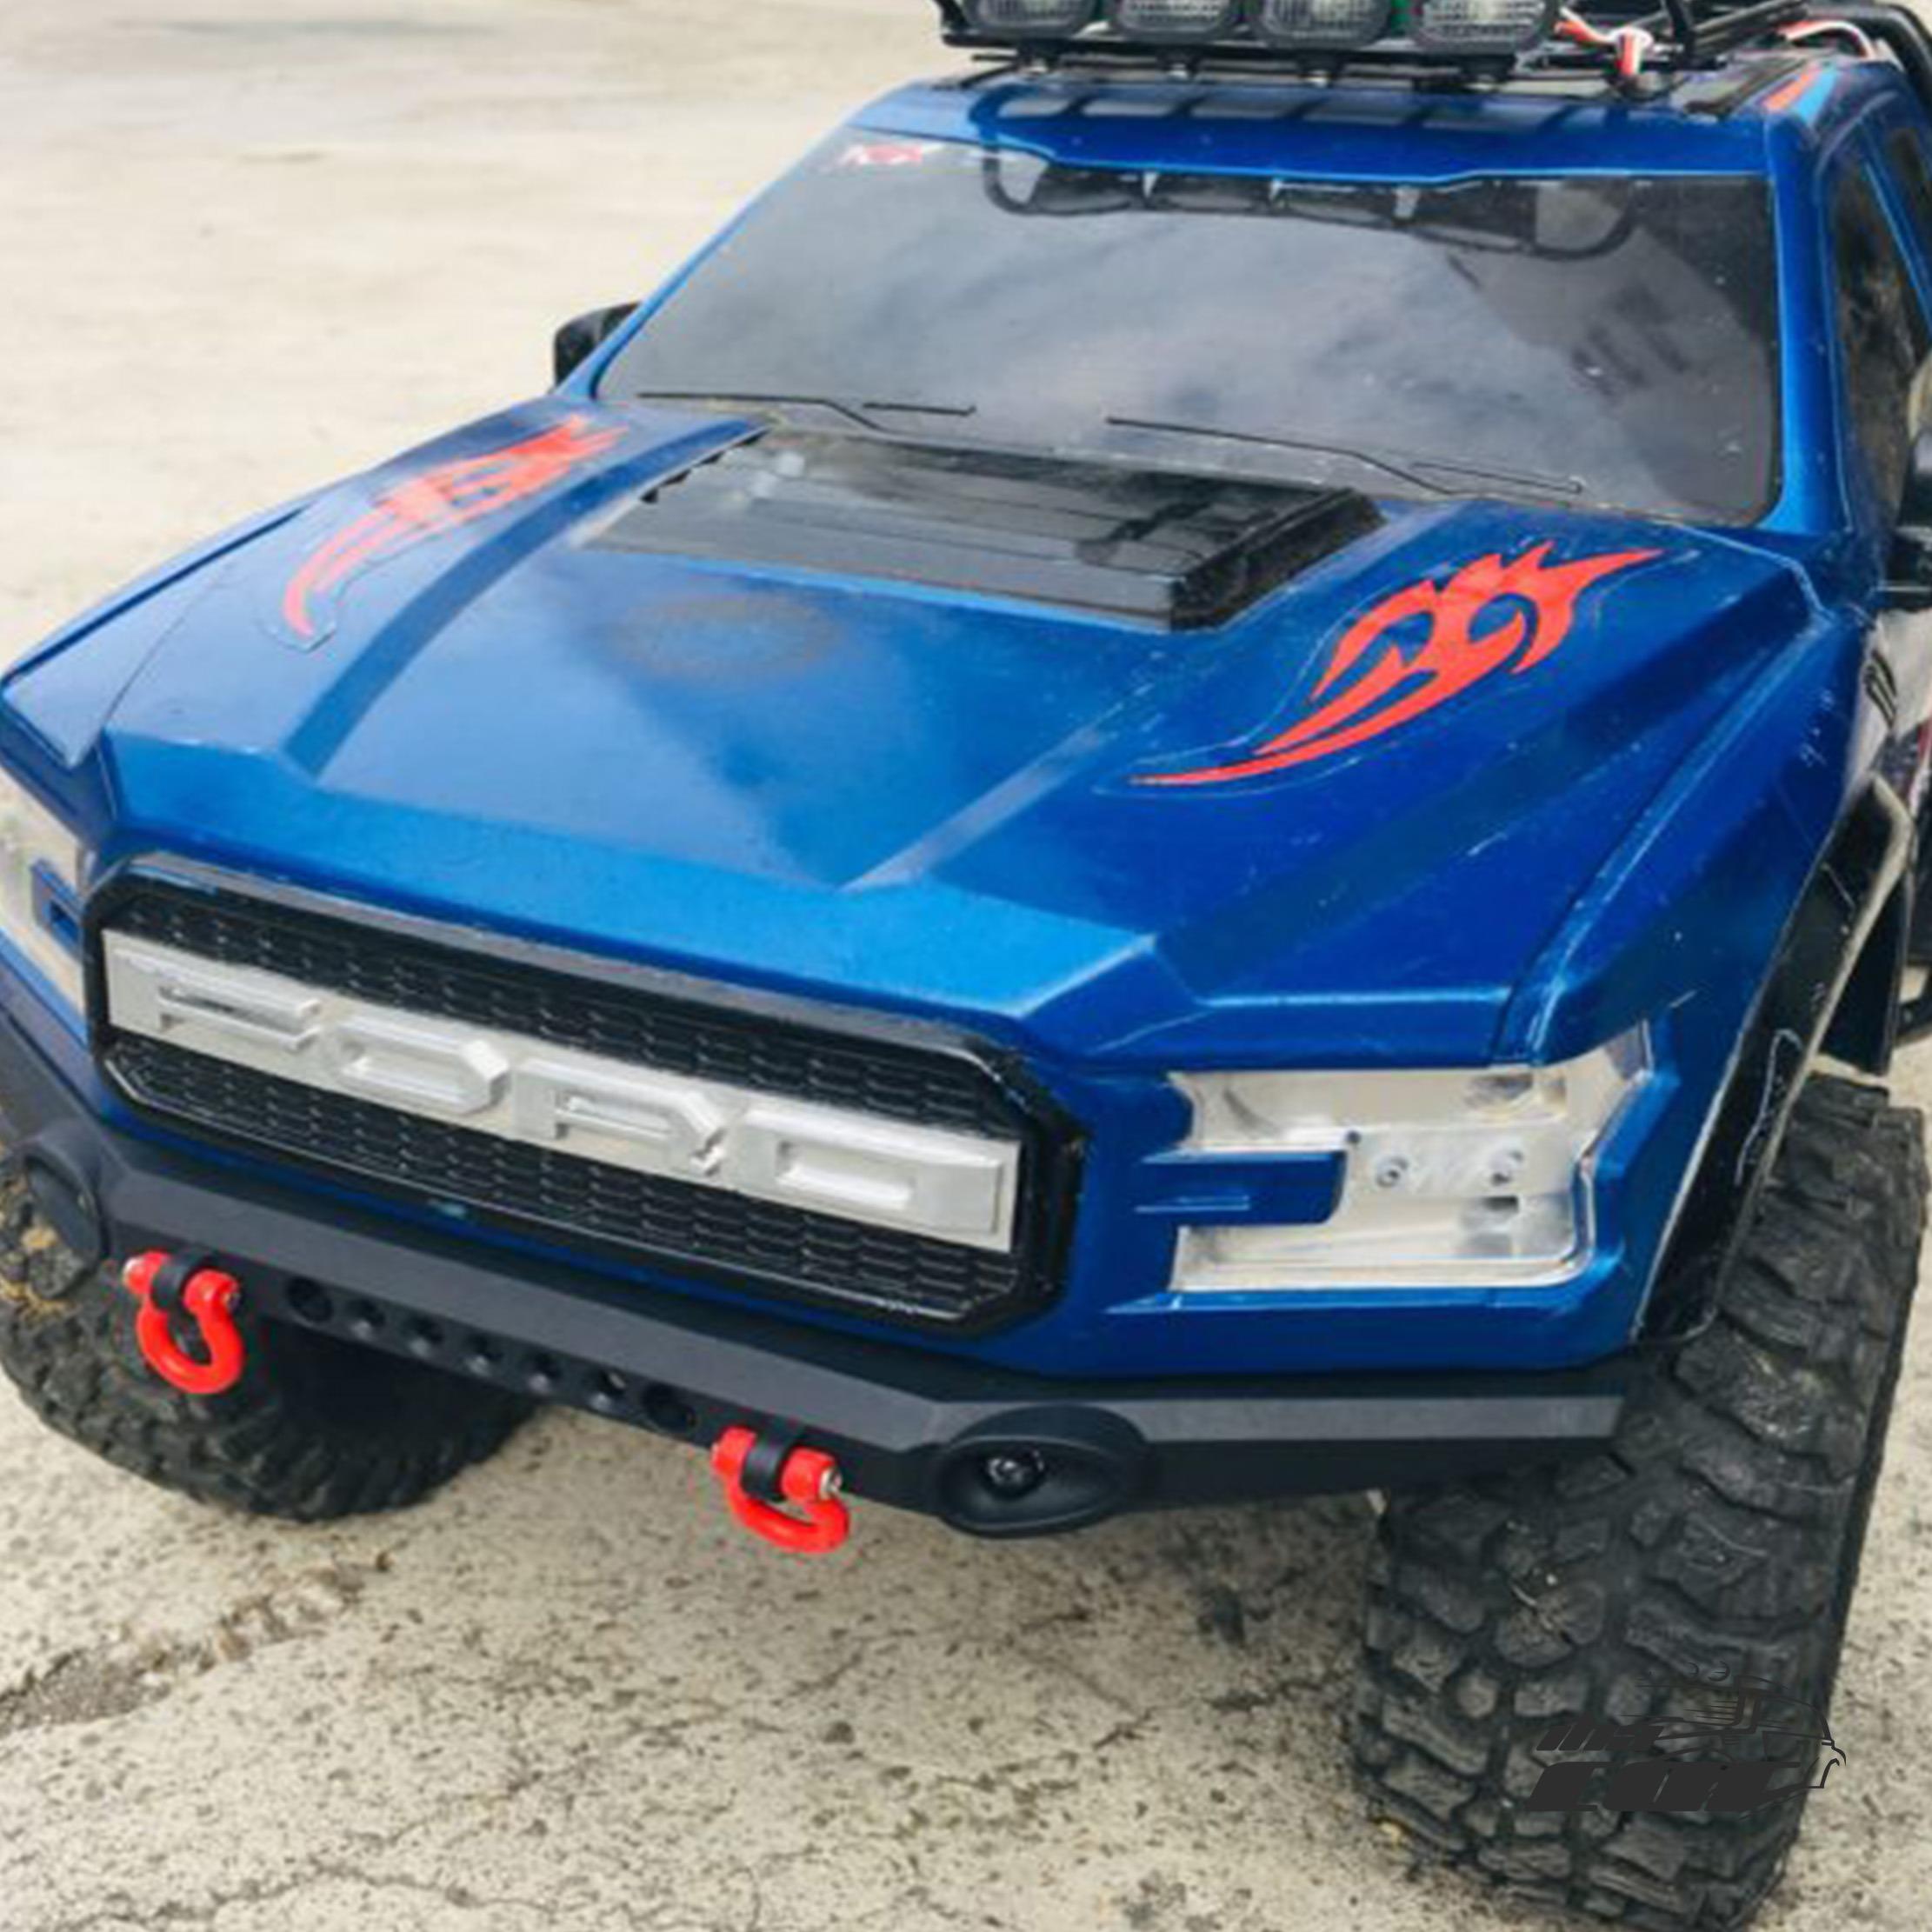 KYX Partes del Cuerpo Duro TRX-4 Ford Raptor DIY - Parachoques de Nylon